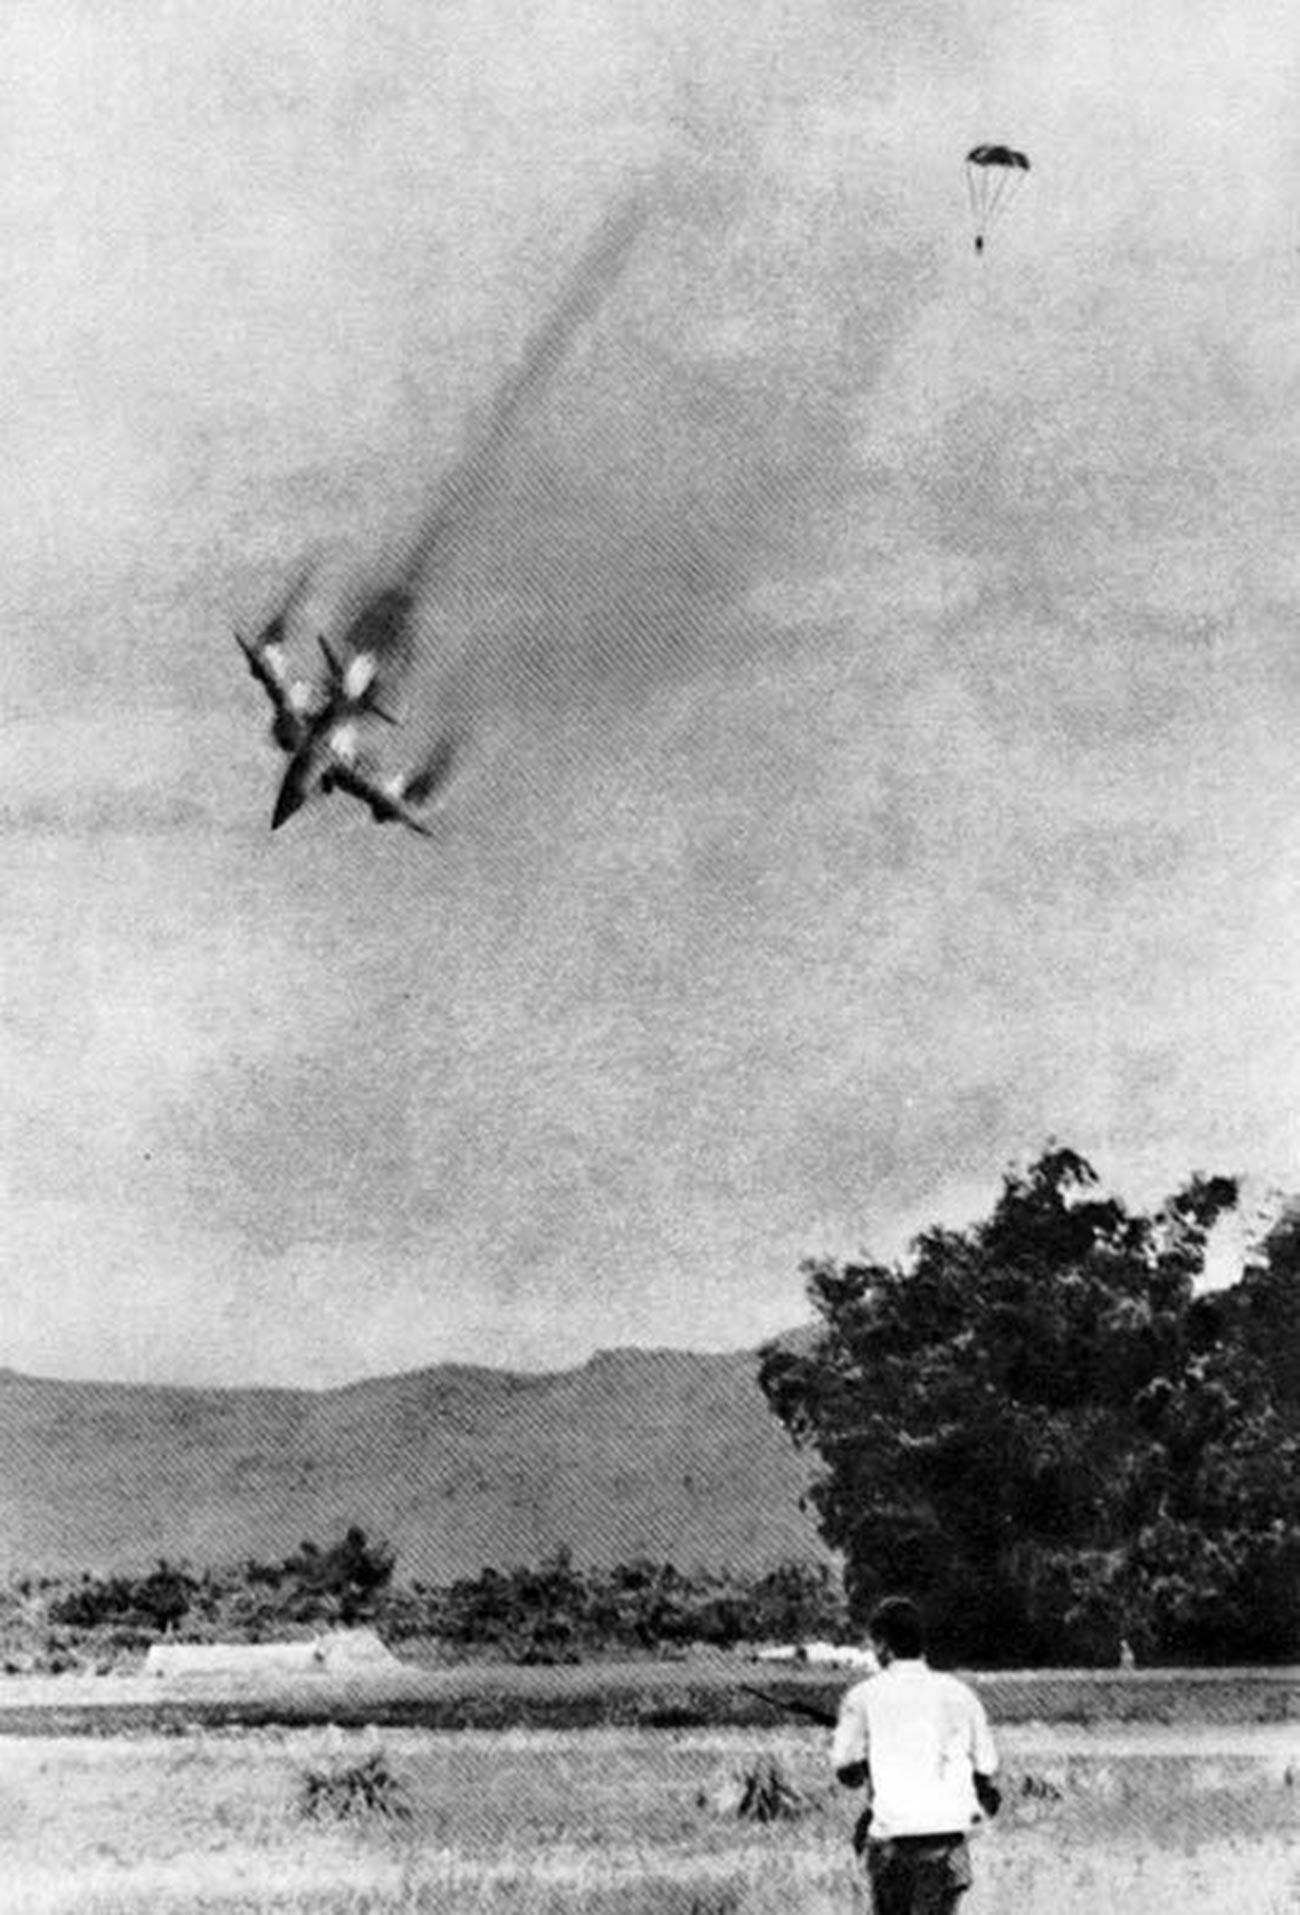 Ein abgeschossenes US-Militärflugzeug in Vietnam